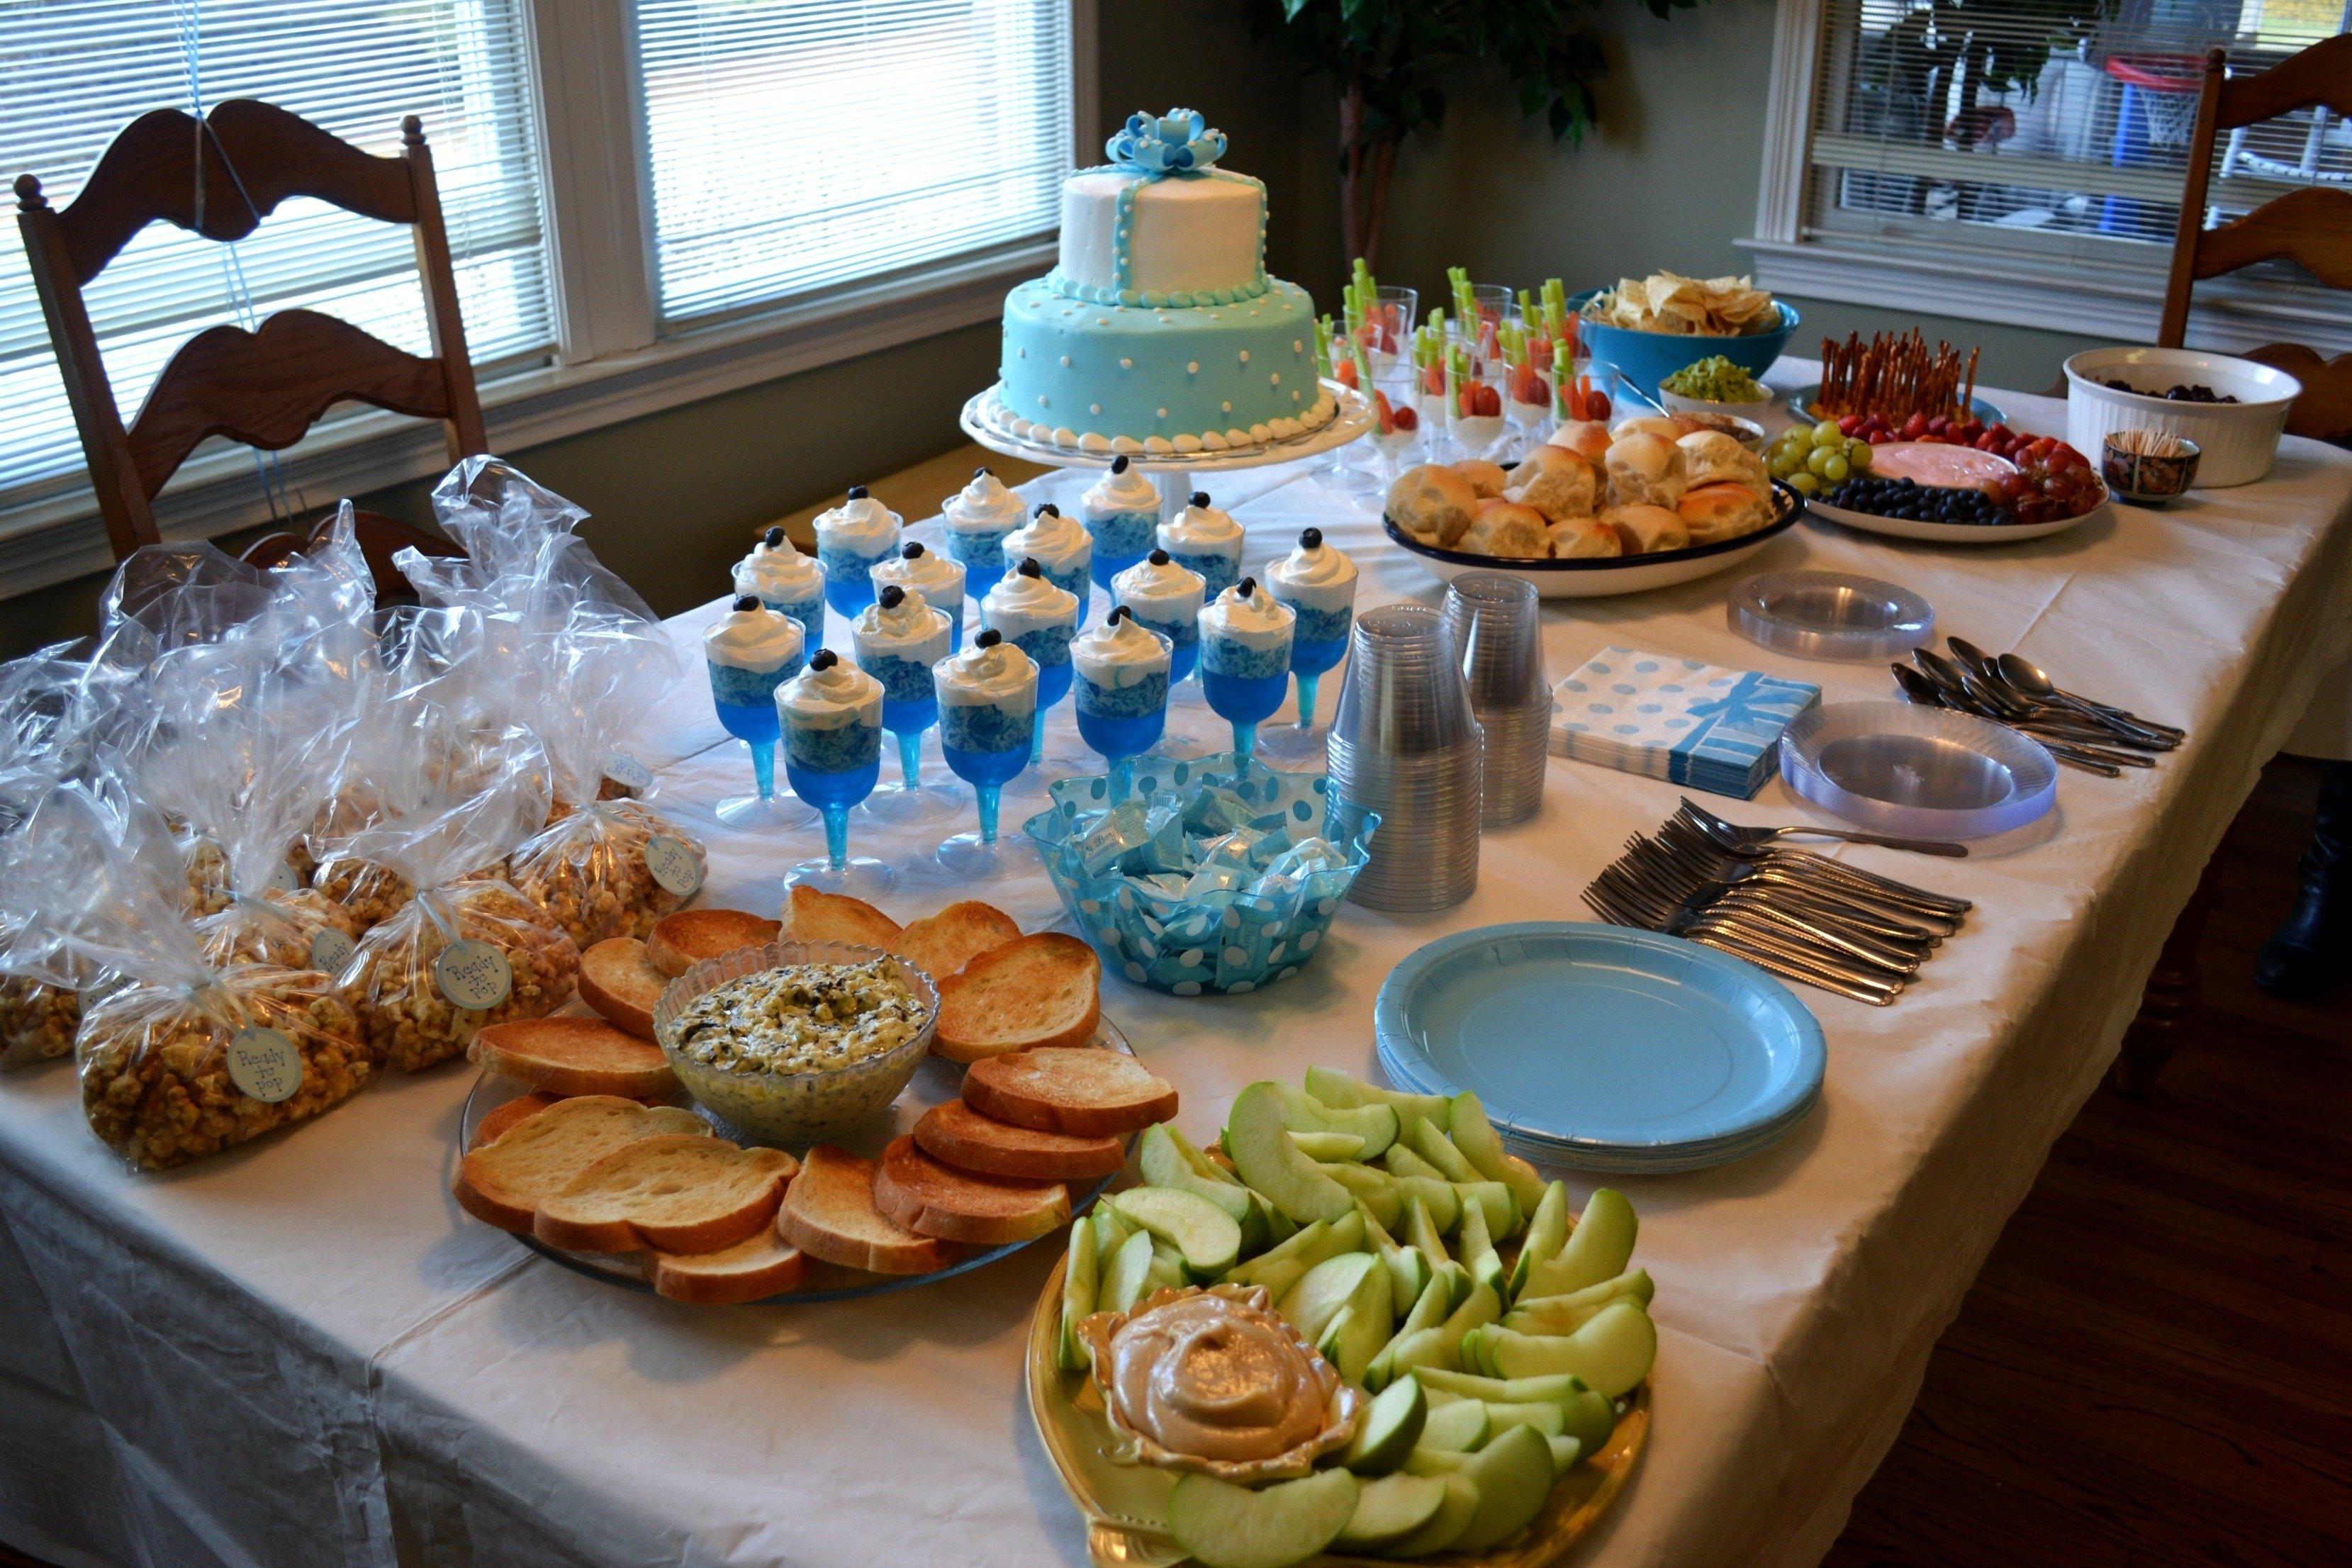 10 Stylish Food For Baby Shower Ideas boy baby shower food ideas wedding 2020